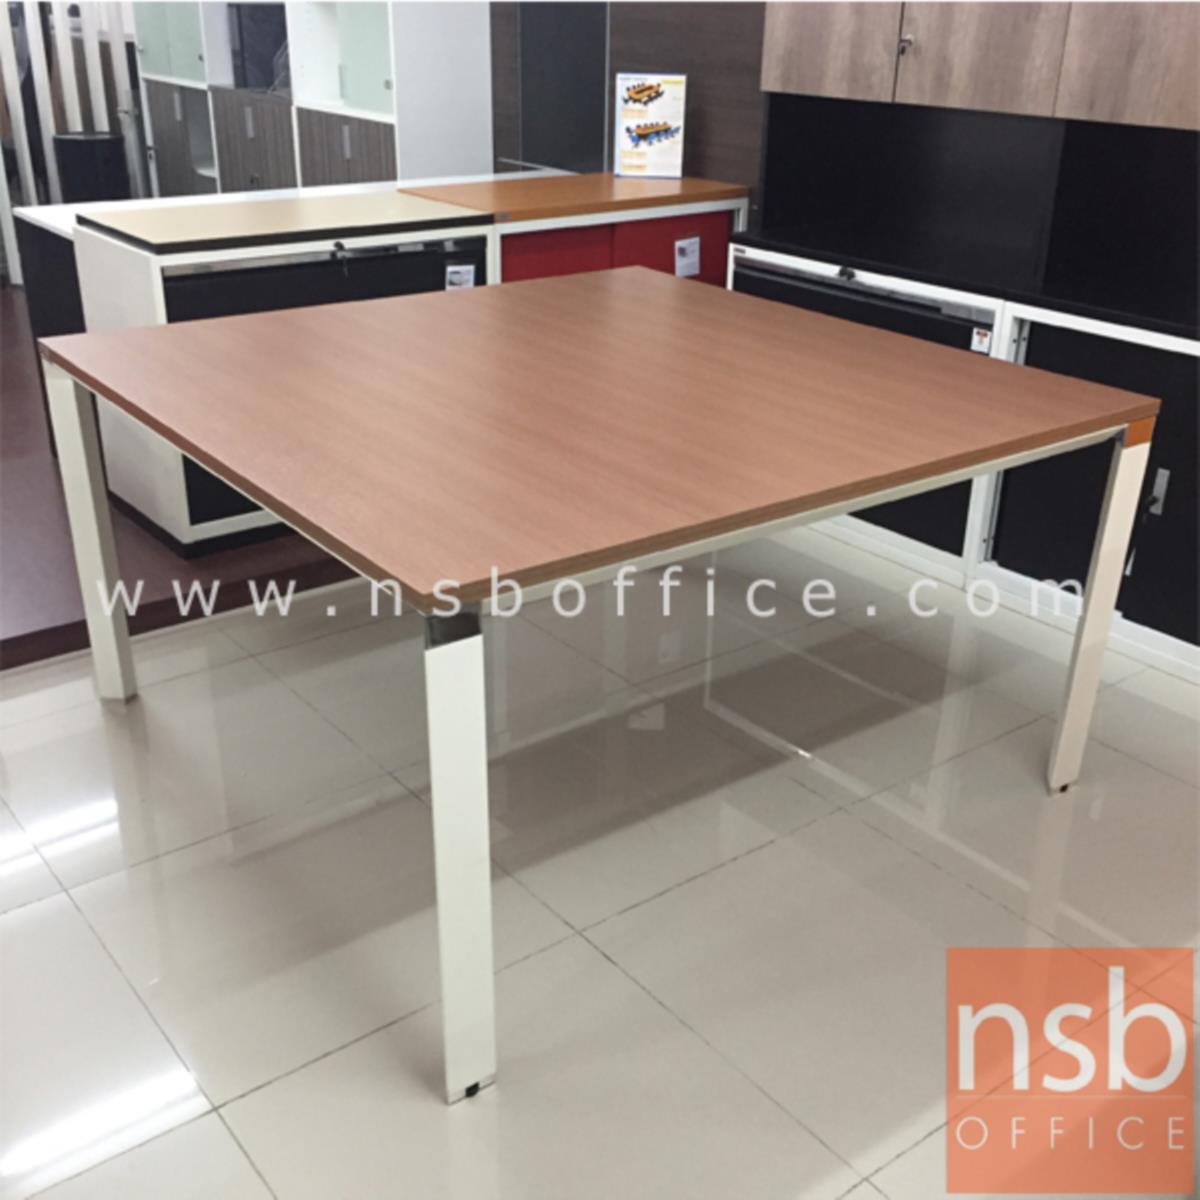 โต๊ะประชุมทรงสี่เหลี่ยม รุ่น Hagrid (ฮากริด) ขนาด 100W ,140W cm. ขาเหล็กสีขาว